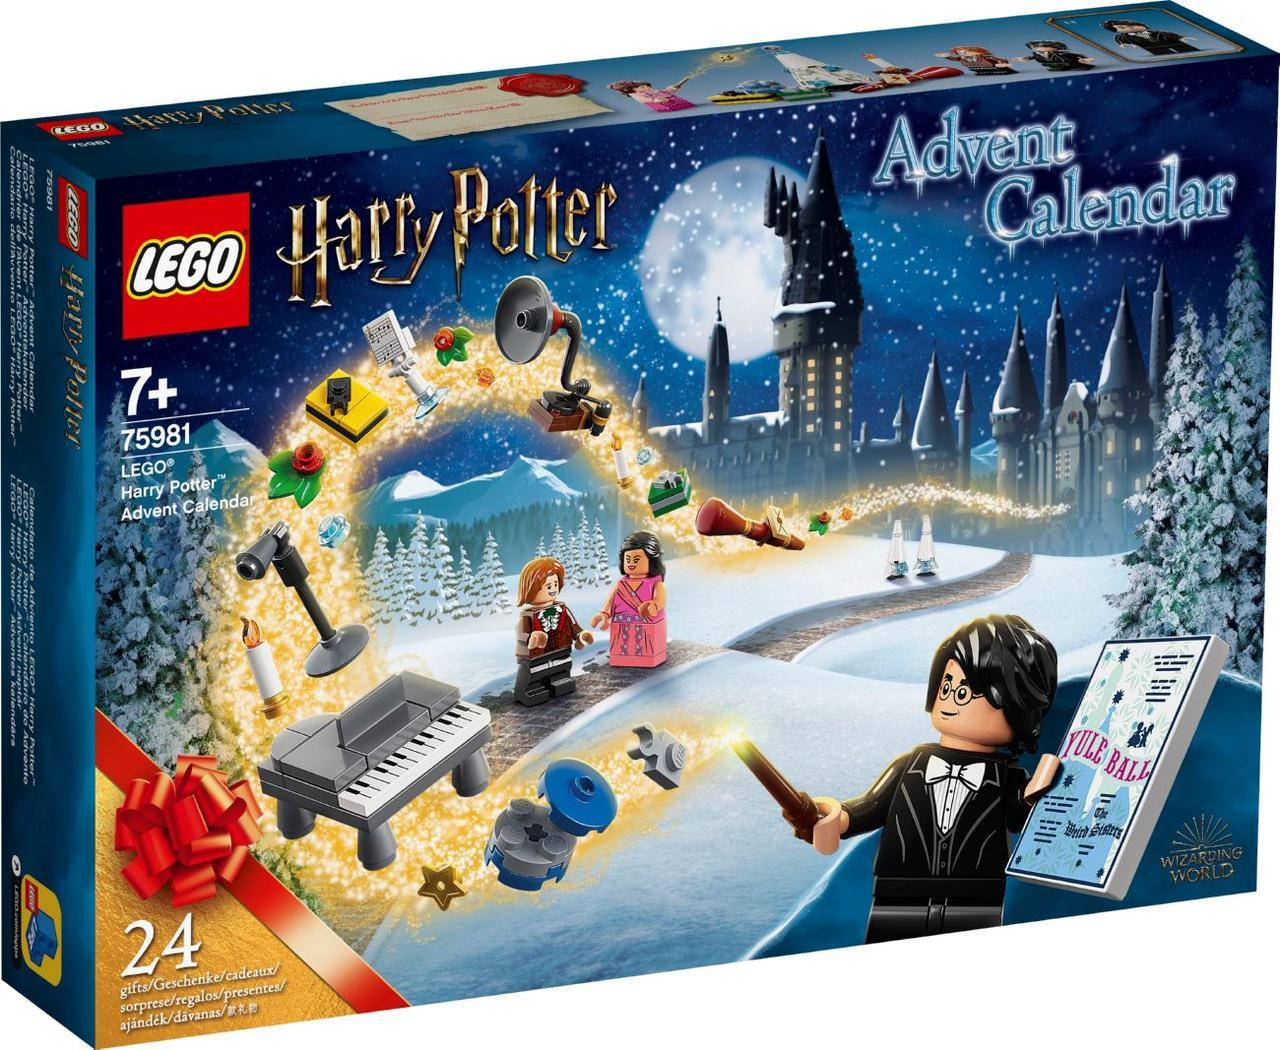 Lego Harry Potter Новорічний календар Лего Гаррі Поттер 75981